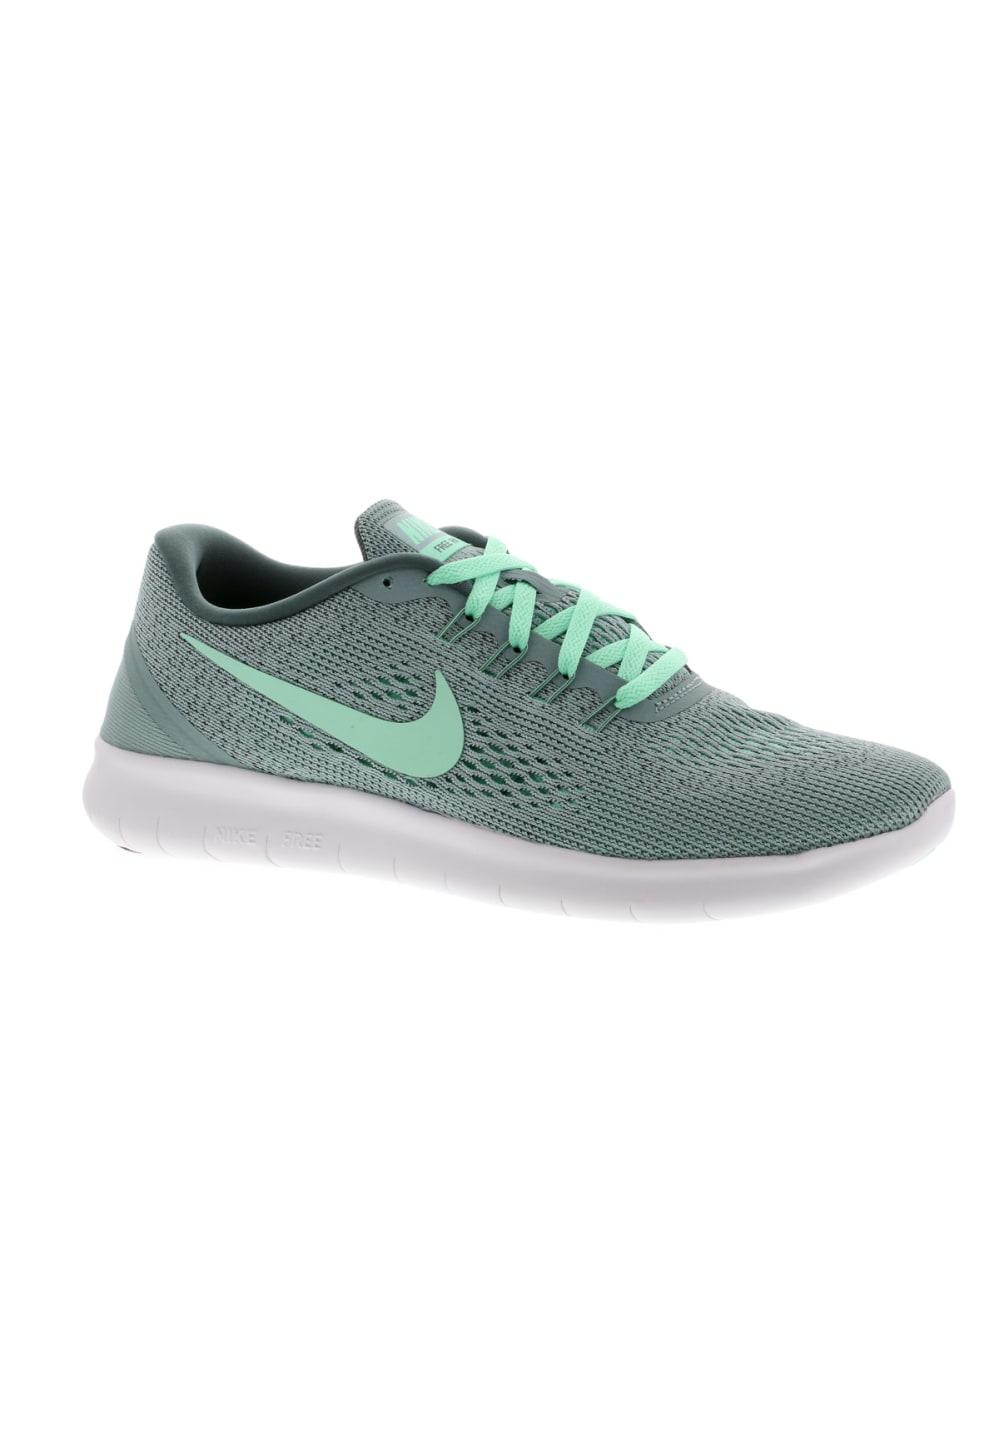 Nike Free Run - Laufschuhe für Damen - Blau